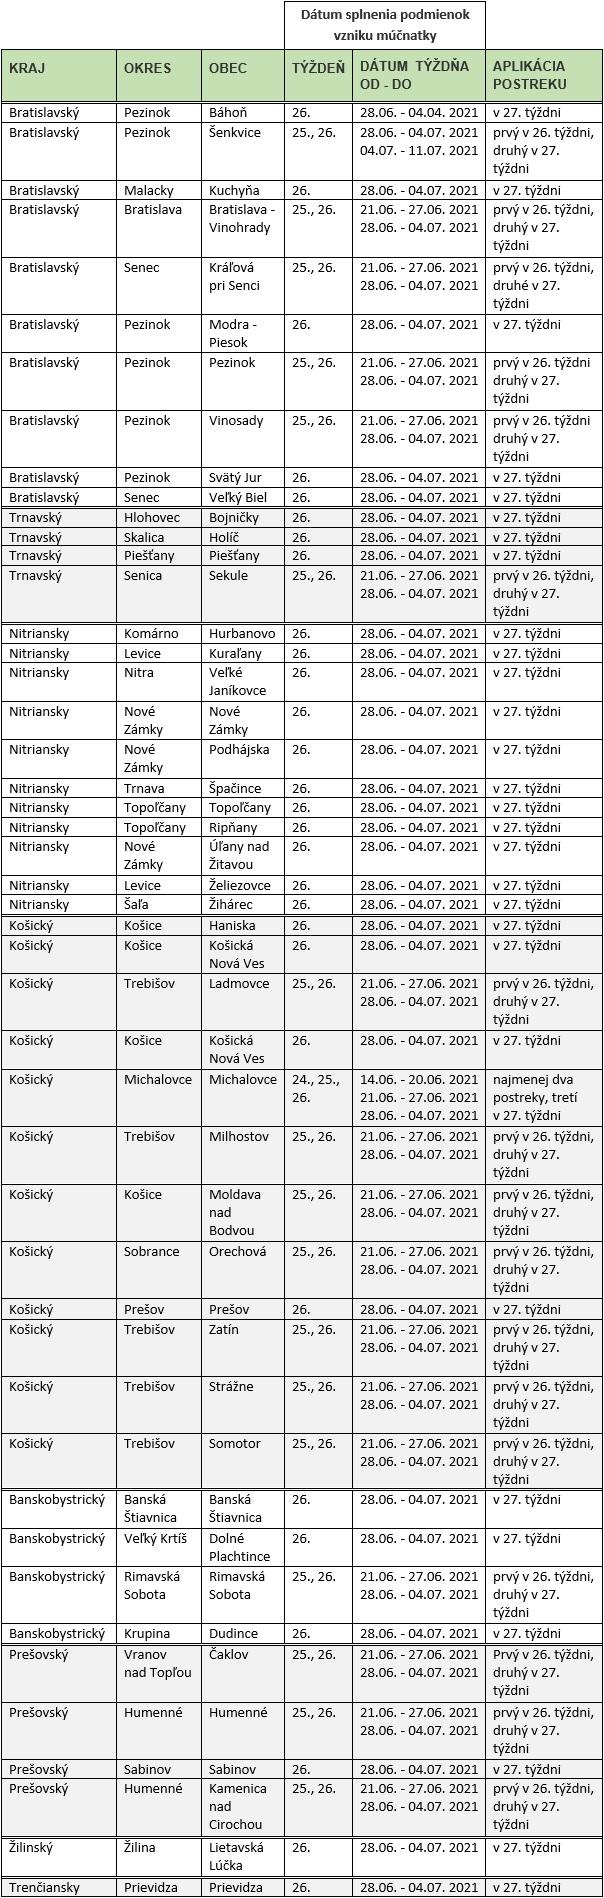 Tabuľka - Dátum splnenia podmienok vzniku múčnatky, podľa krajov, okresov a obcí.